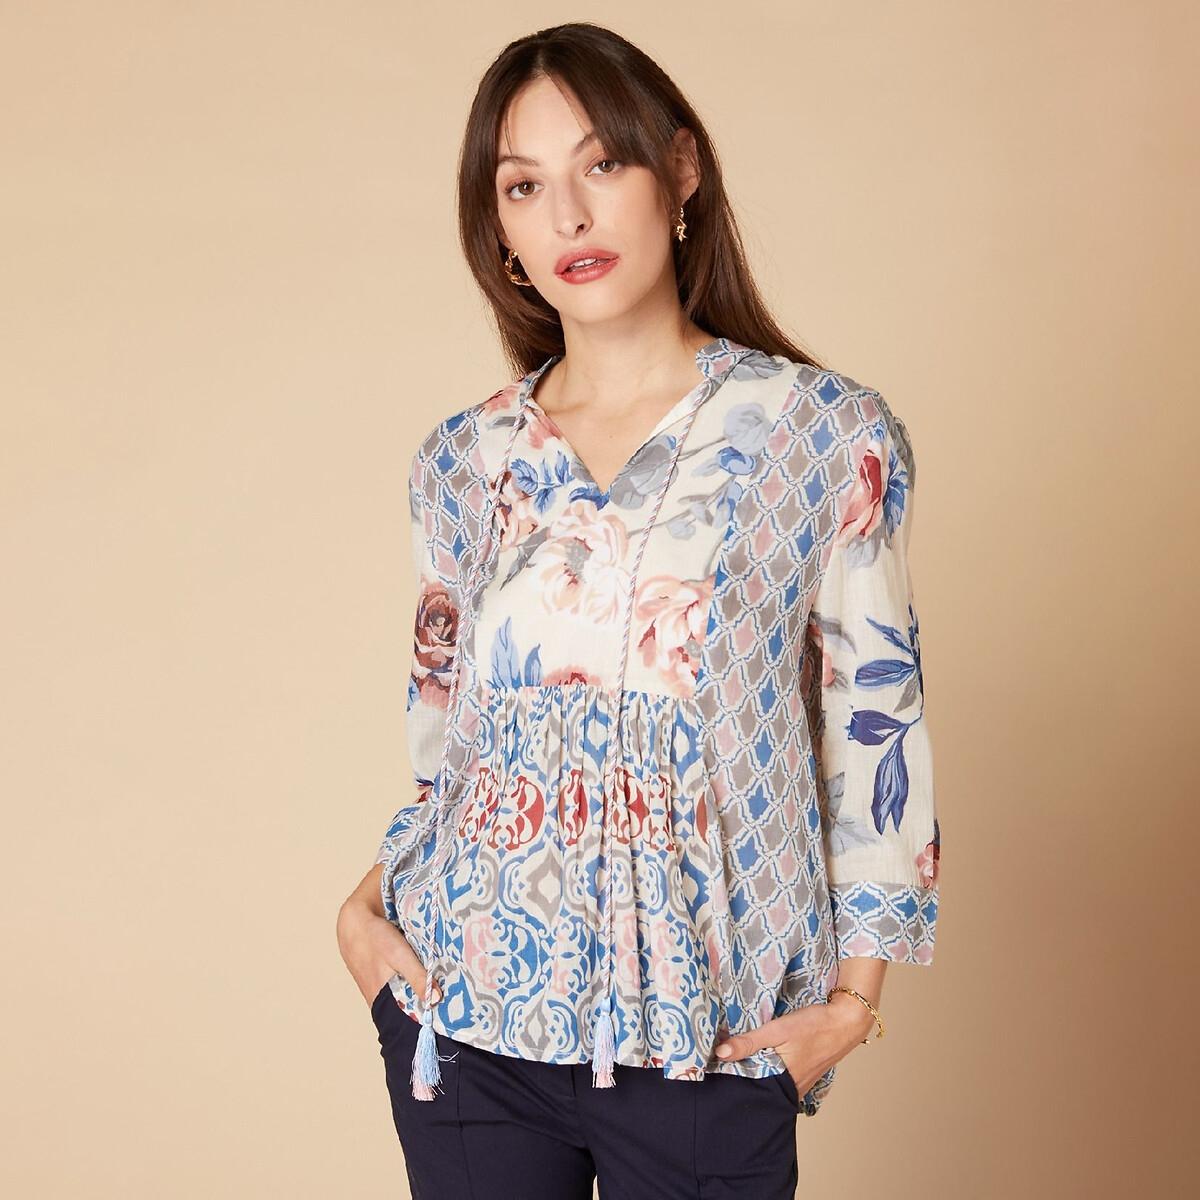 Блузка La Redoute Расклешенная с цветочным рисунком и завязками с помпонами L белый юбка la redoute короткая расклешенная с цветочным рисунком и оборками на поясе xs бежевый